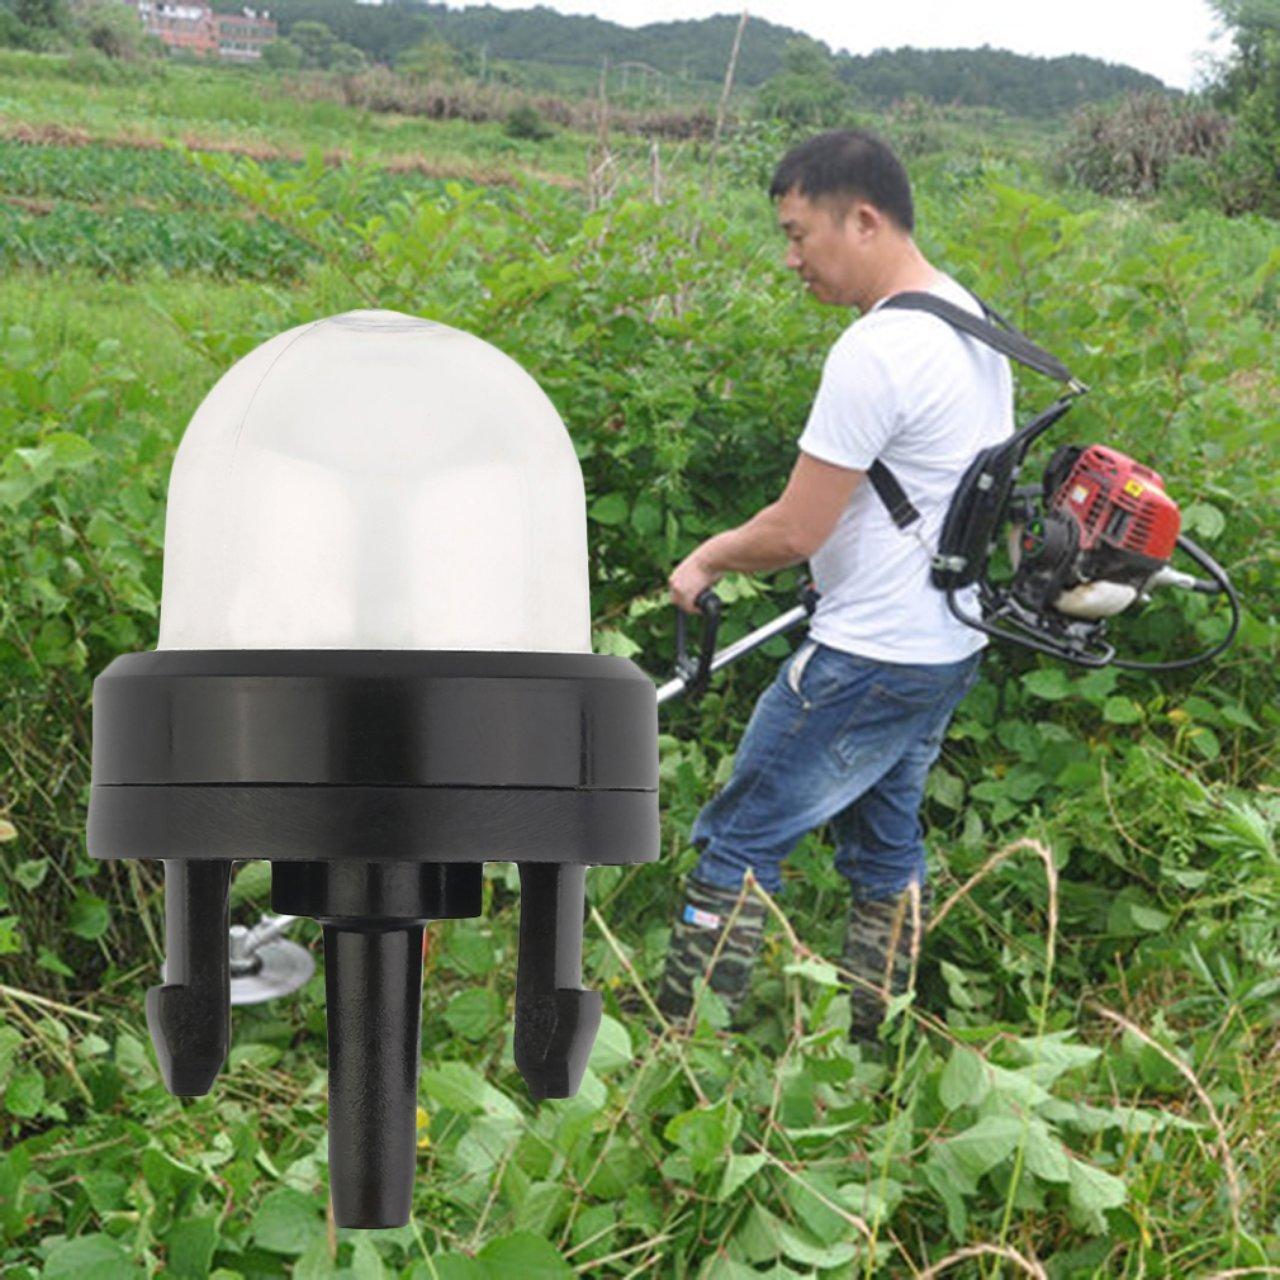 Jasnyfall Ampoule Universelle pour pi/èces de carburateur Garden Lawn Mowe Taille-haie Tondeuse /à cha/îne Aspiration dhuile de carburateur Nouveau Transparent